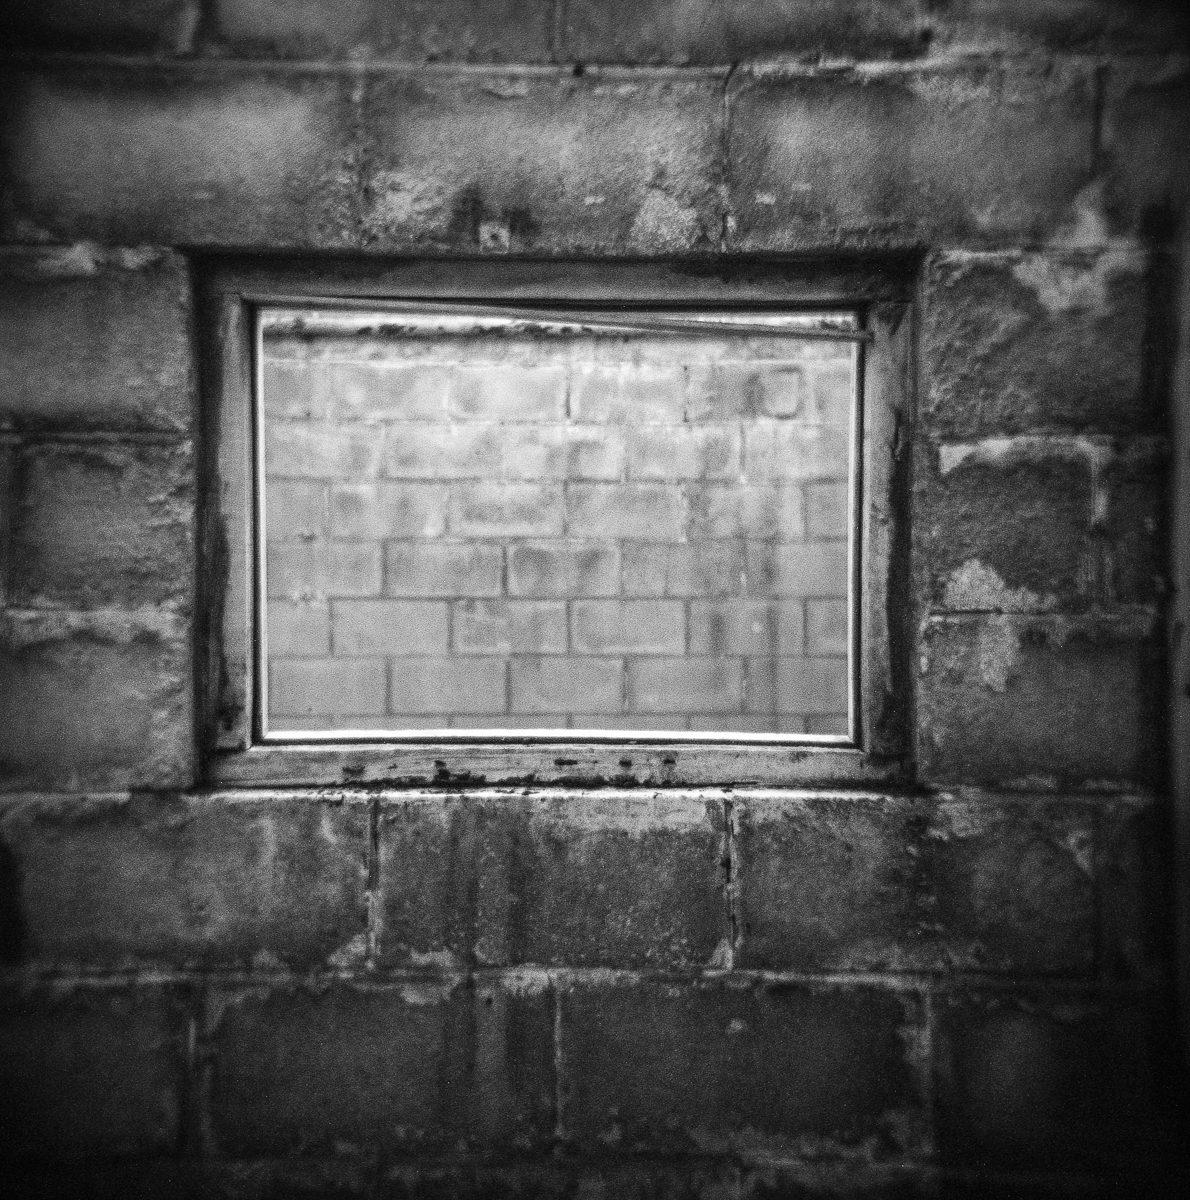 """@timdobbsphoto """"Through the window"""" .. Holga 120GN on ilford HP4 for #concretefilm #fridayfavourites #believeinfilm #Wales @ILFORDPhoto"""